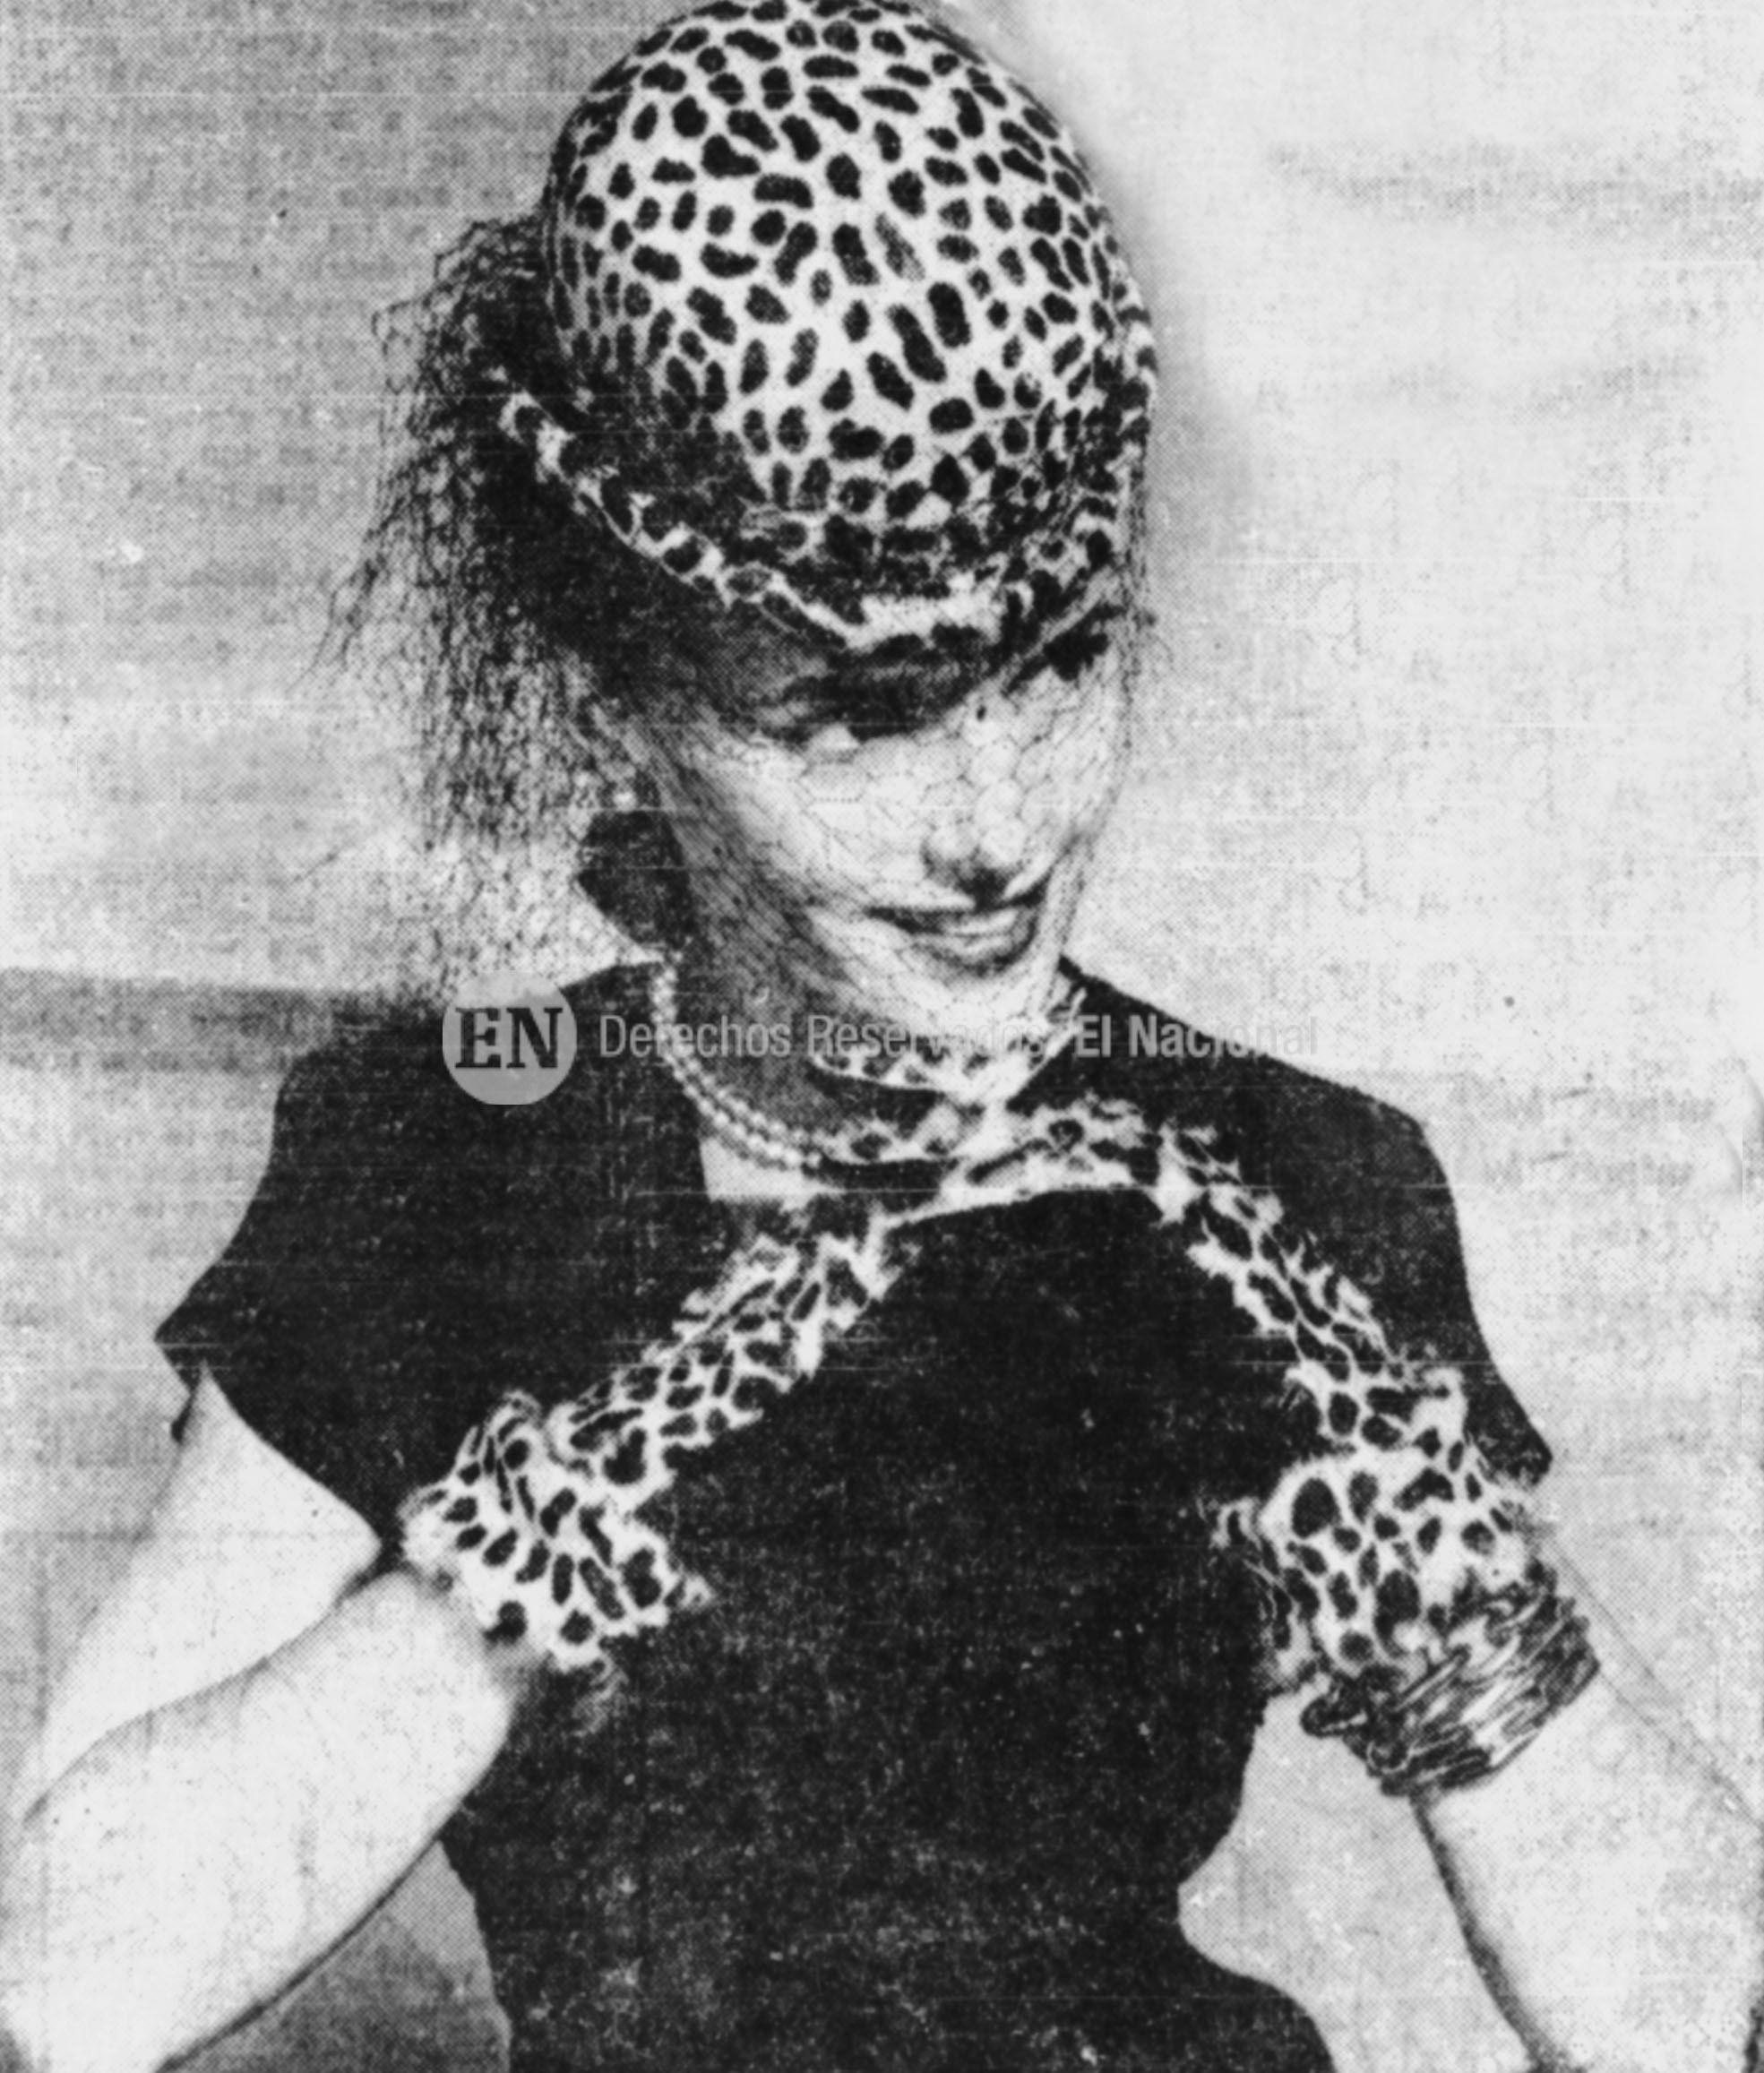 Sombreros como accesorios del  vestir. Década de los años 40. (ARCHIVO EL NACIONAL)